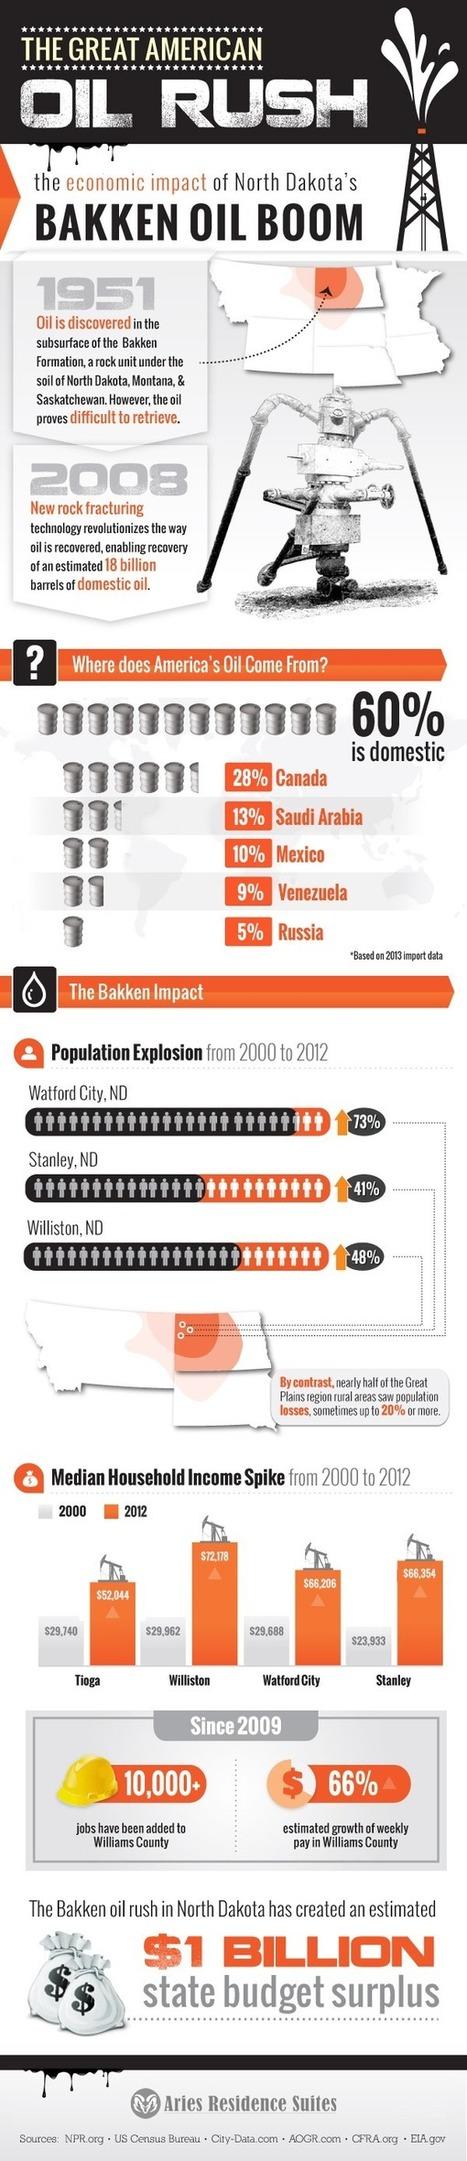 The Economics of the Bakken Oil Boom | Knowledge Dump | Scoop.it